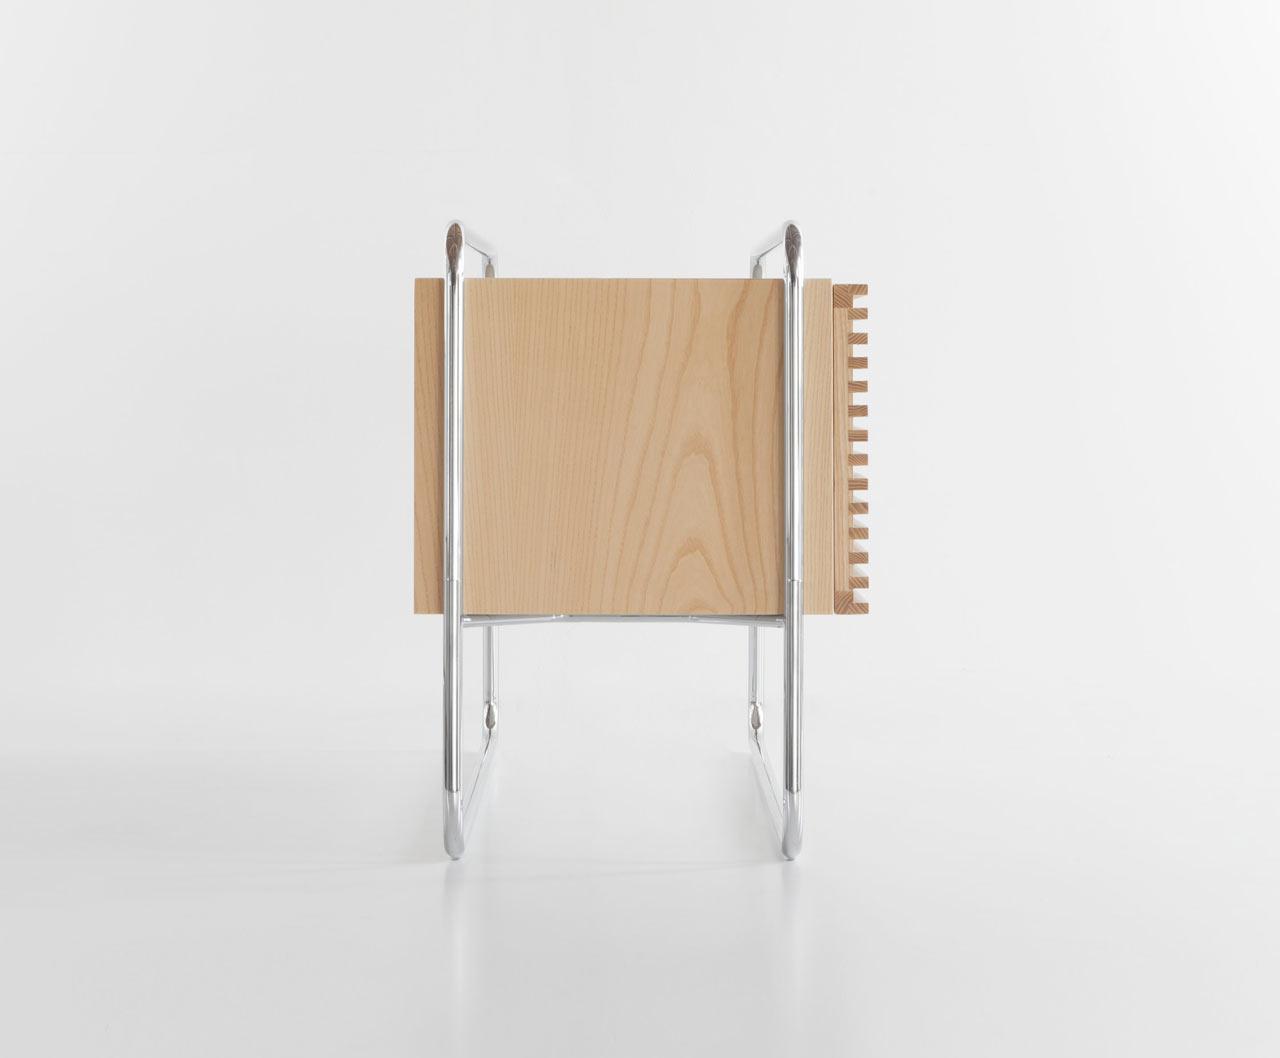 Marcel-sideboard-hisheji (4)